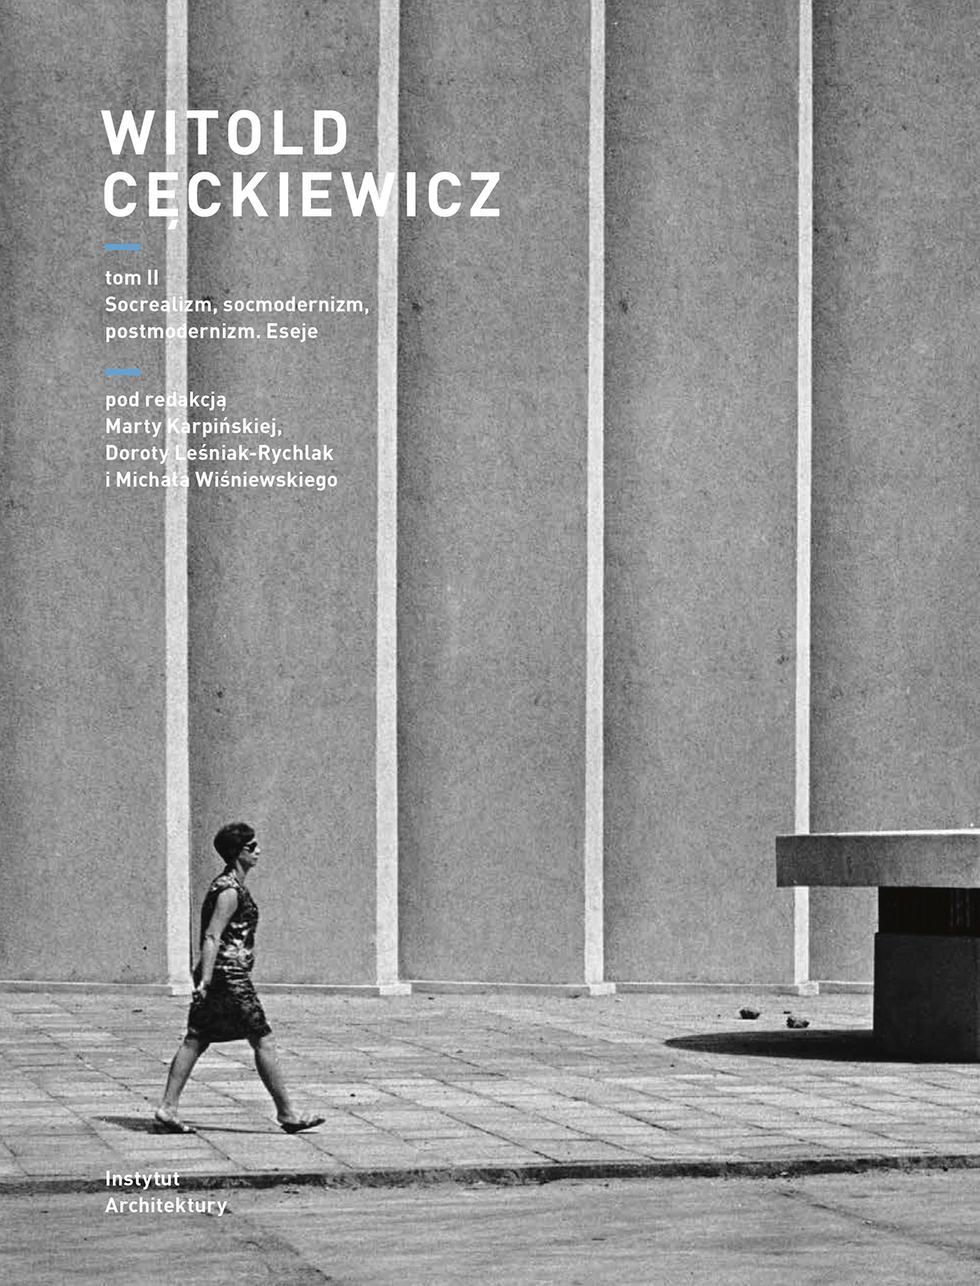 Trzy publikacje poświęcone twórczości Witolda Cęckiewicza